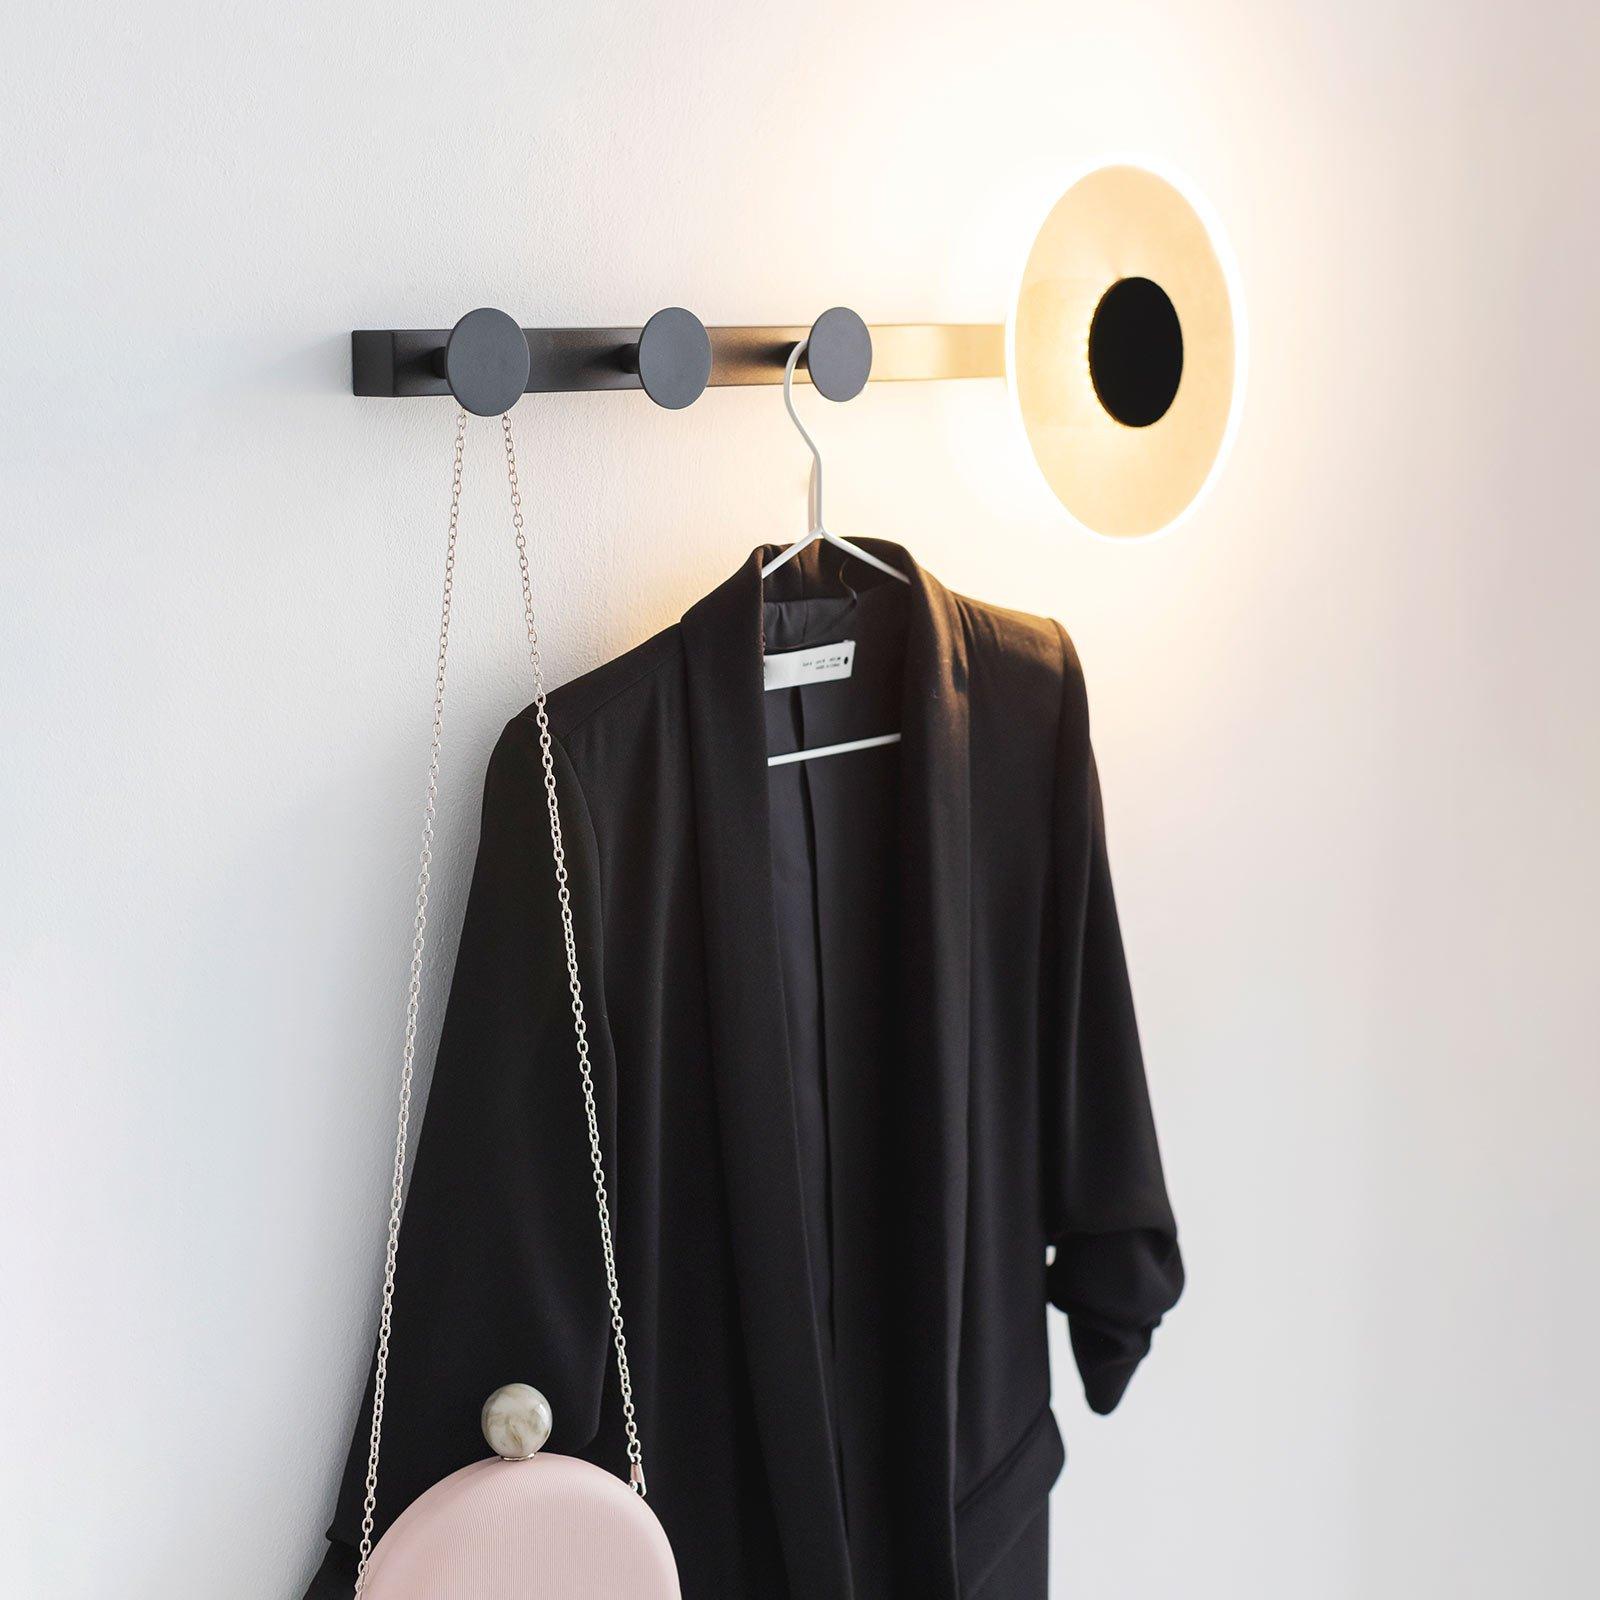 Venus LED-vegglampe, med kleskroker, svart